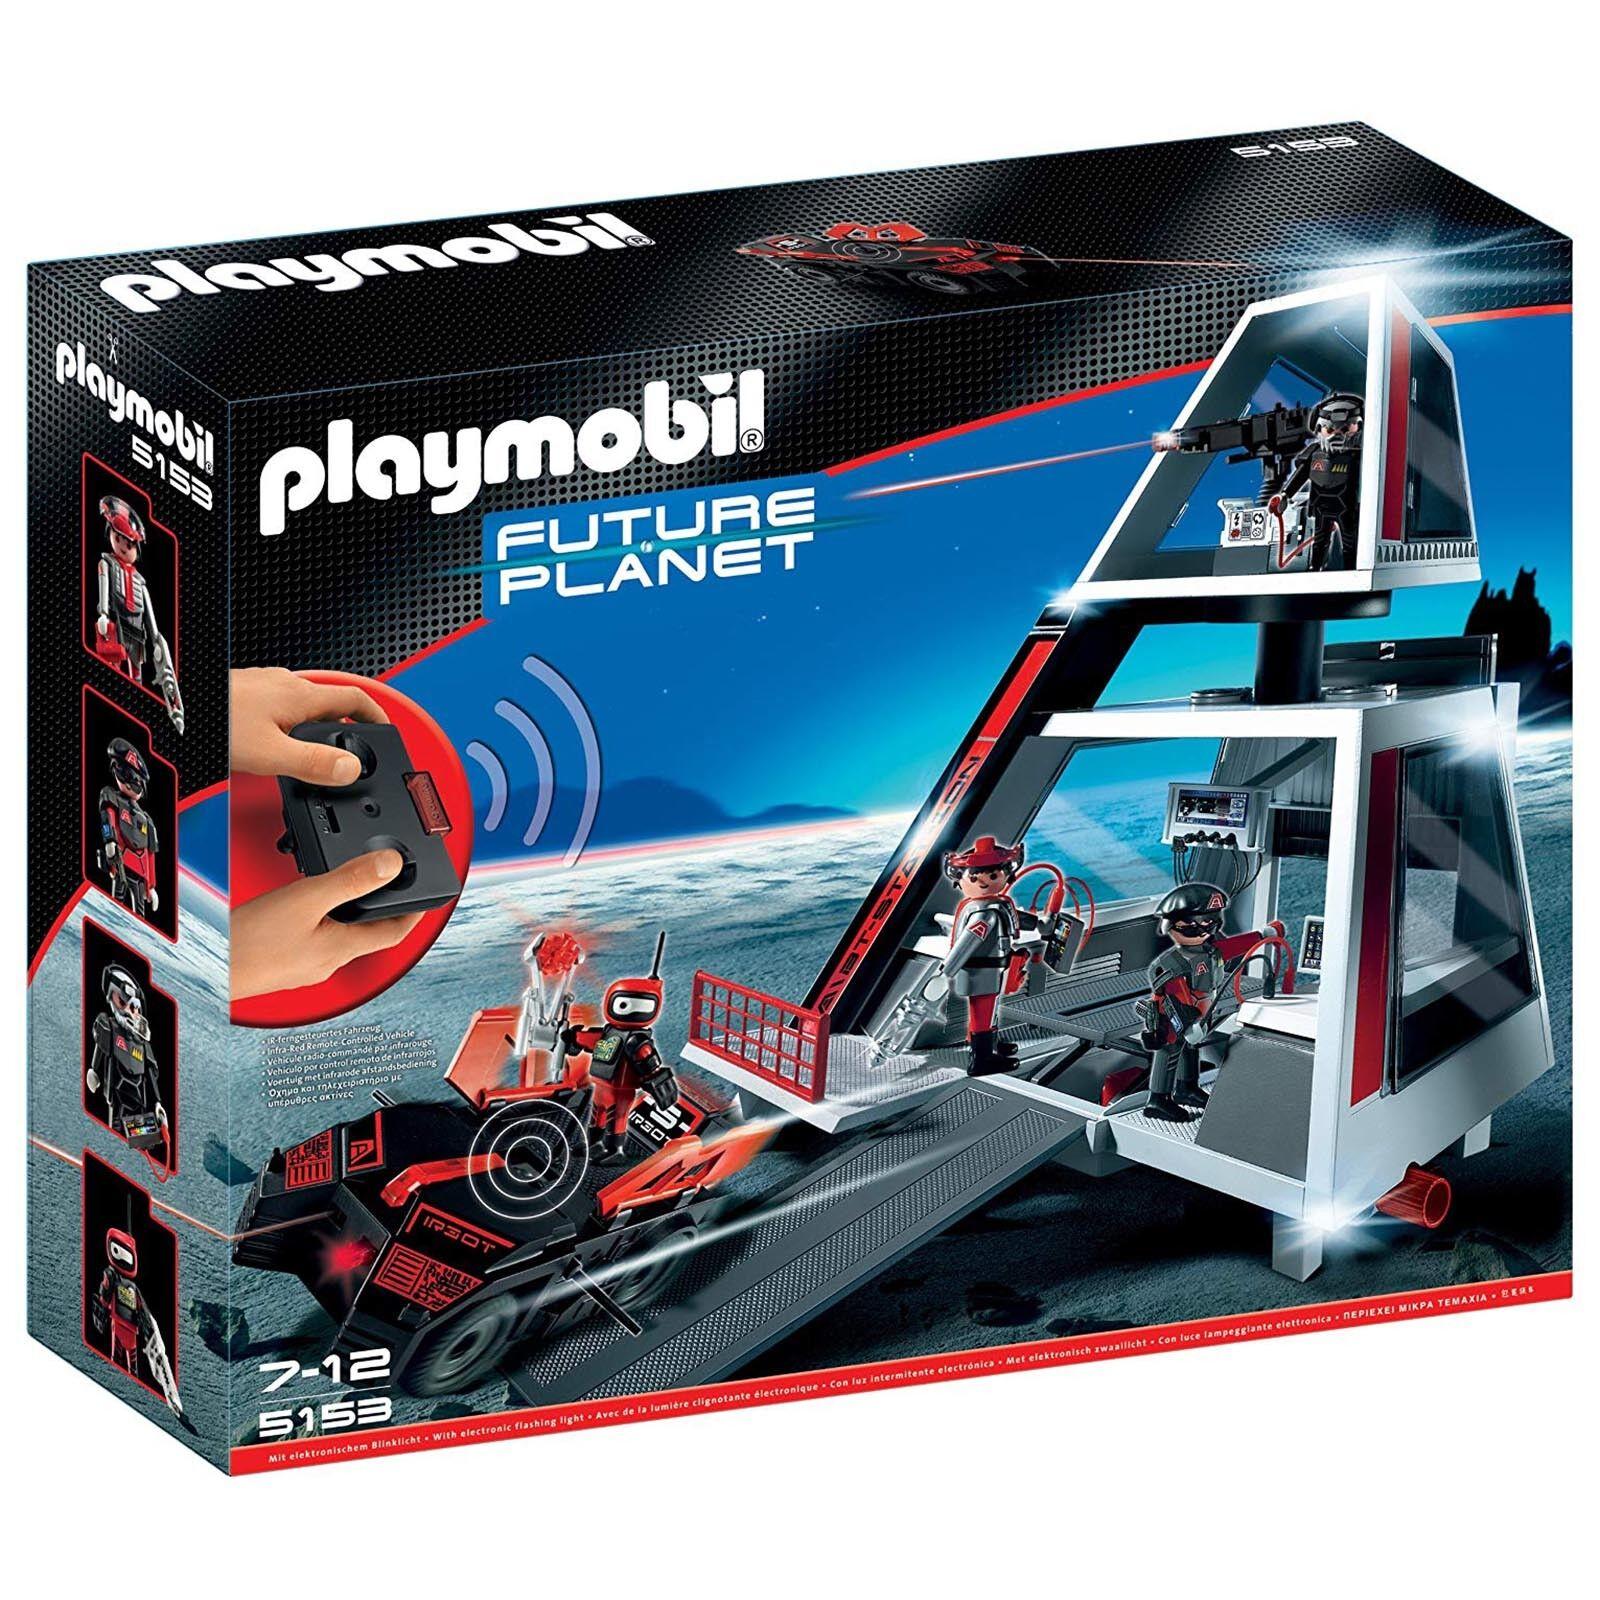 Playmobil Future Planet costruzione Set 5153 nuovo  giocattoli bambini RC Vehicle  varie dimensioni